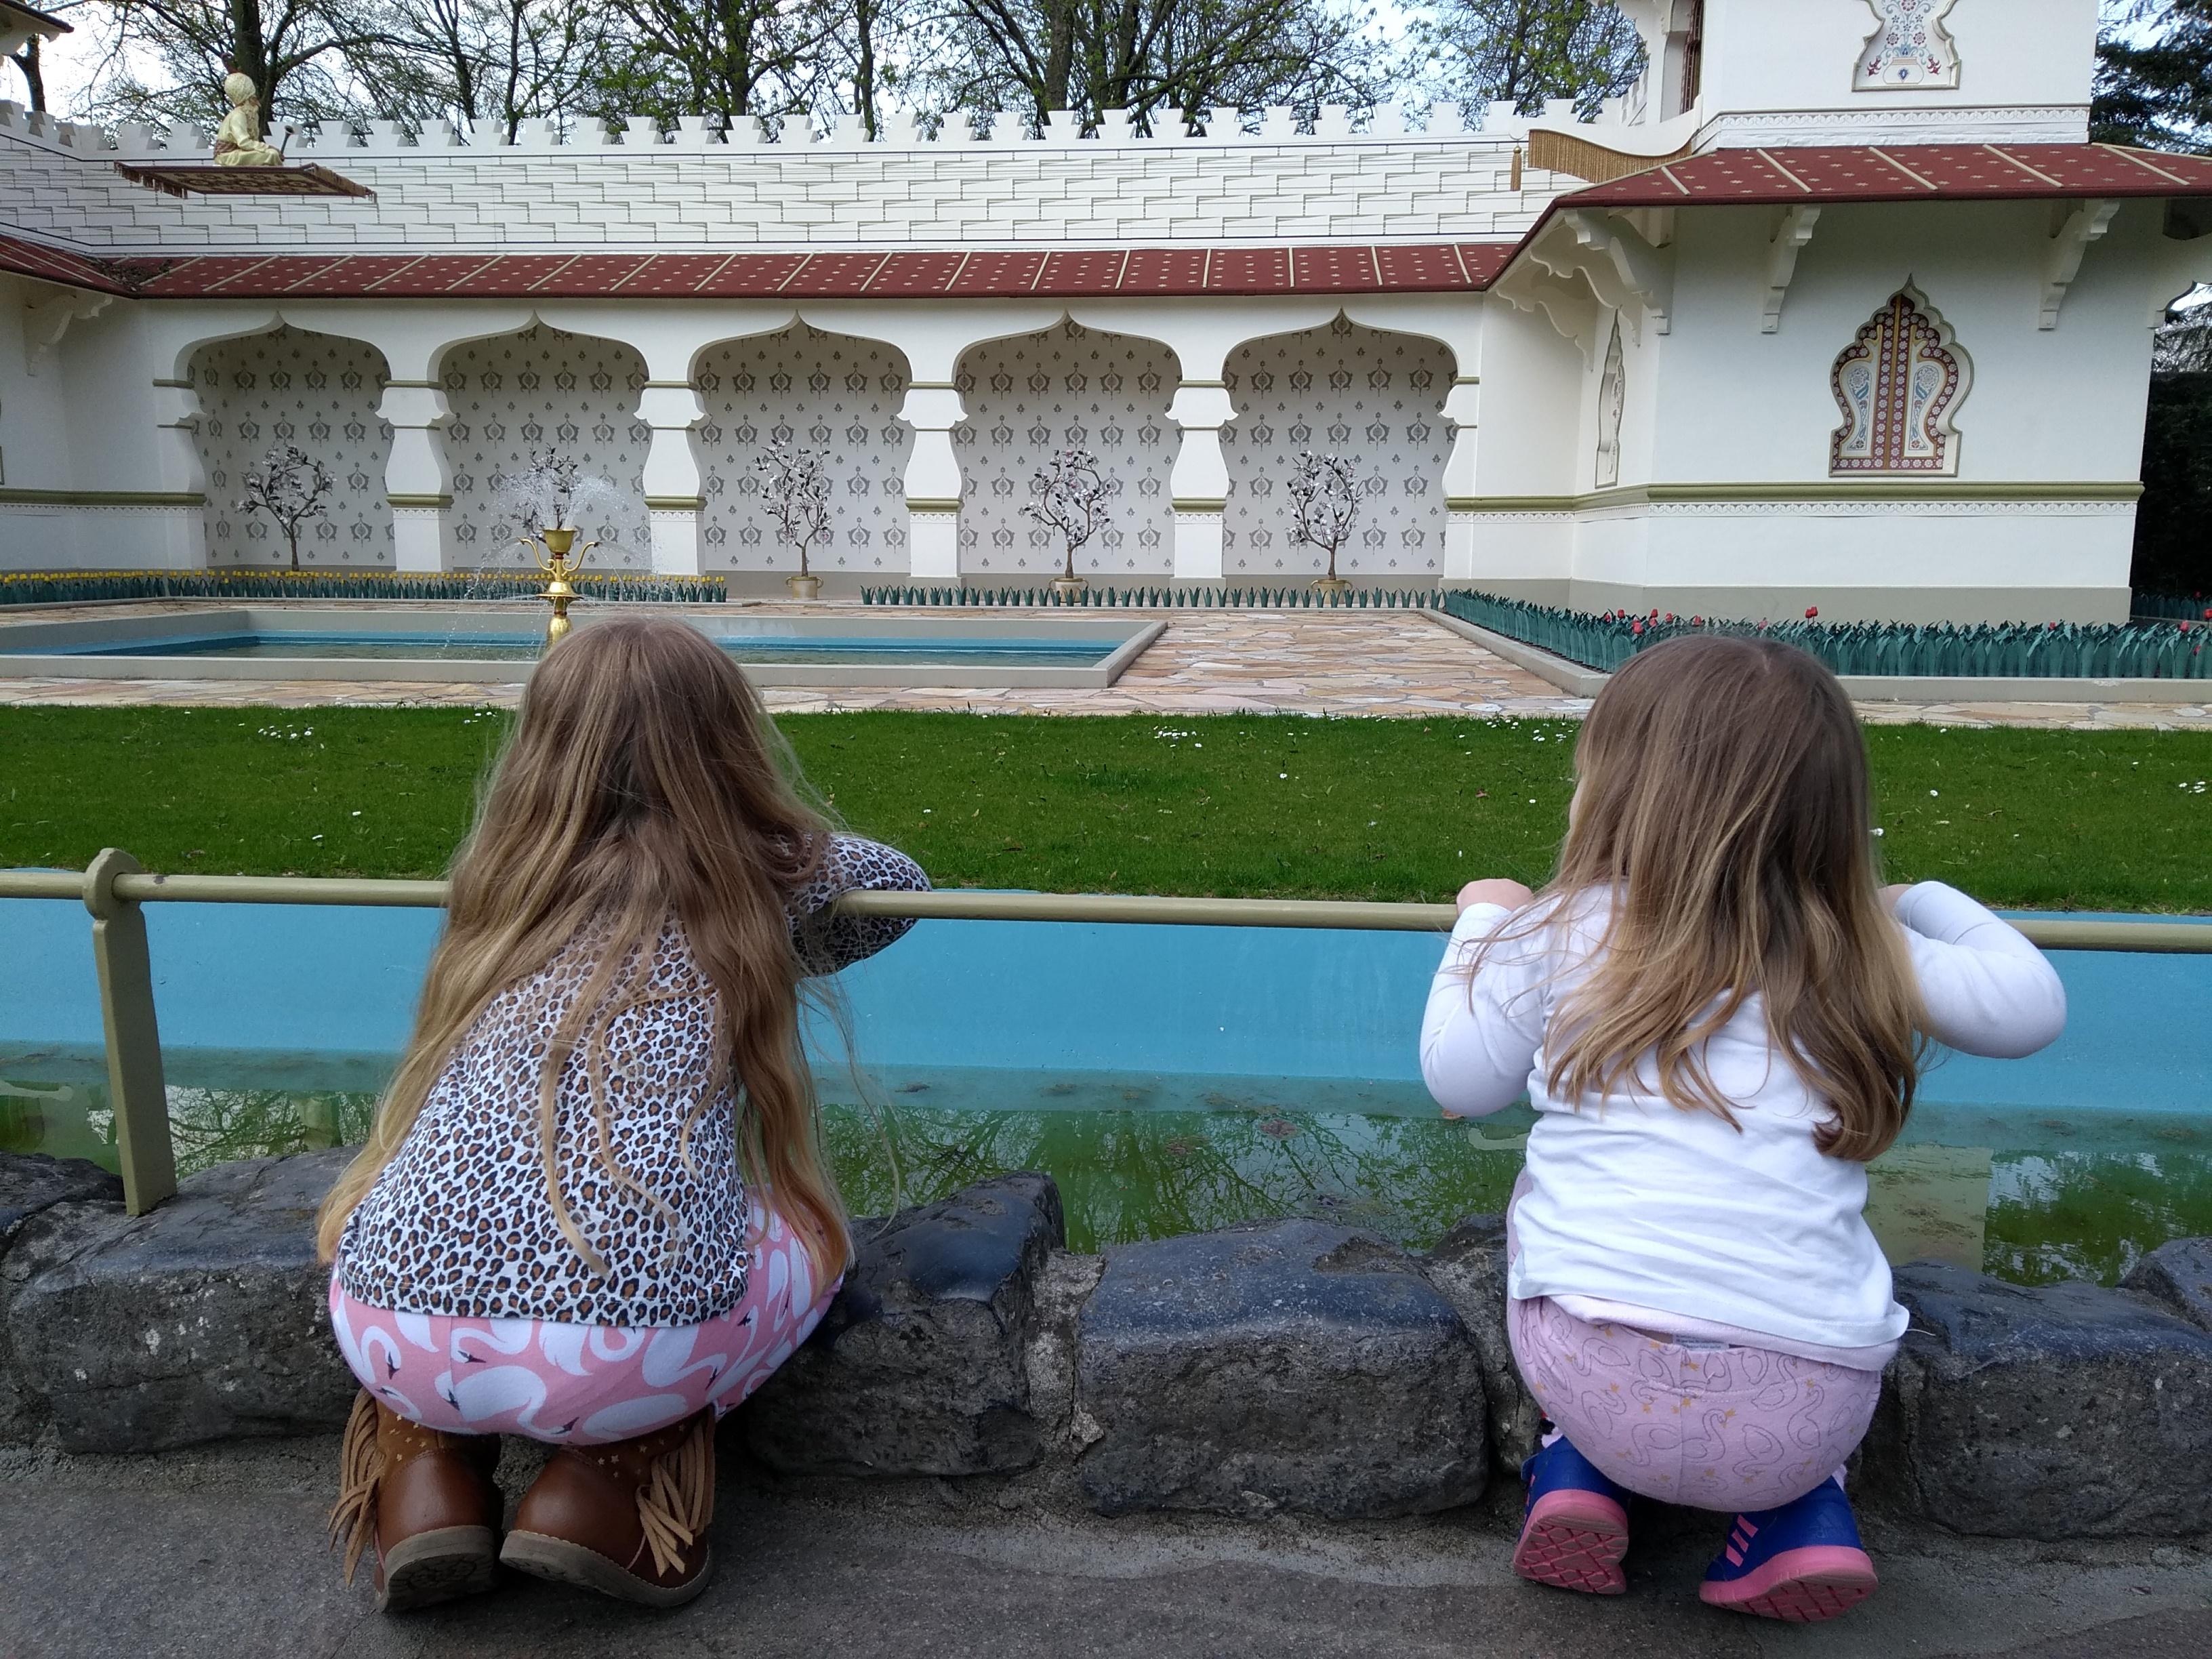 zusjes, meiden, meisjes, meisjesmama, momlife, sisters, girls, mamablog, momblog, mamalifestyle, mamalifestyleblog, blogger, lalogblog, lalog.nl, lalog